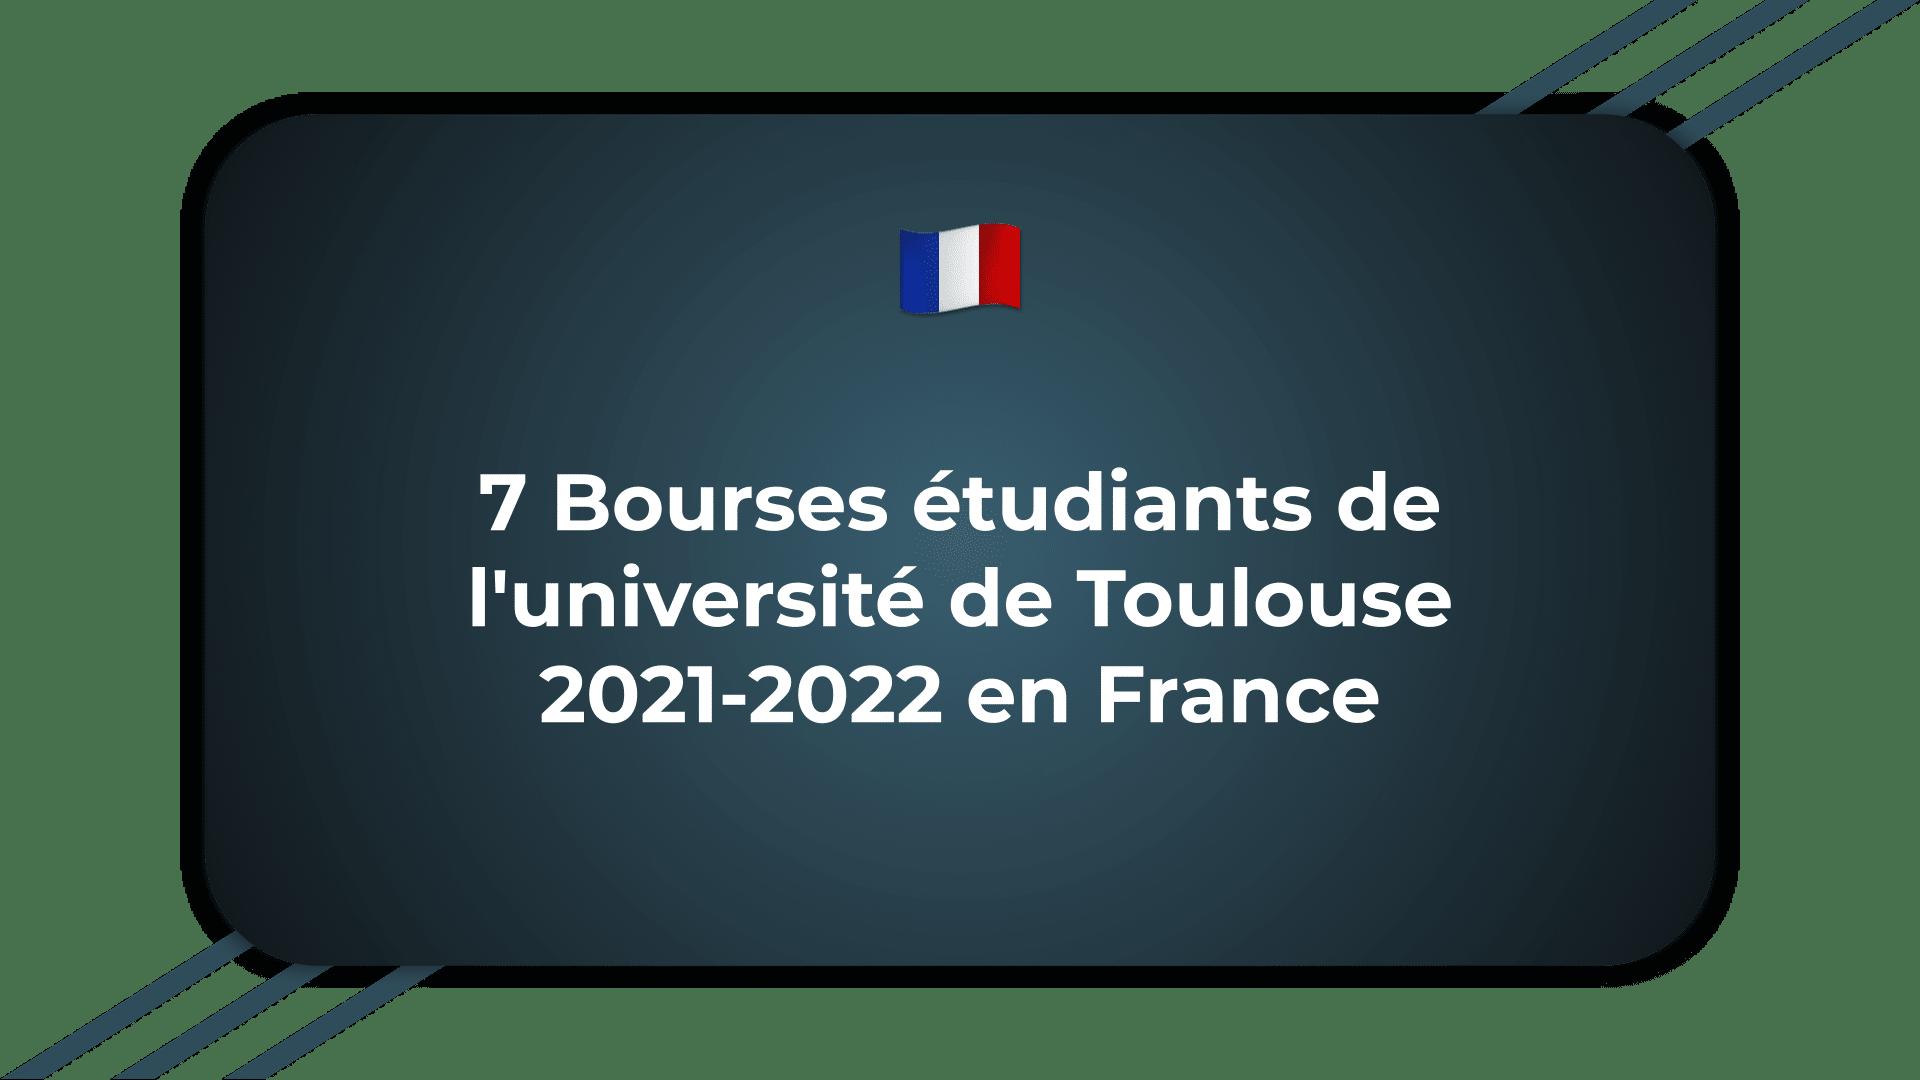 Bourses étudiants de l'université de Toulouse